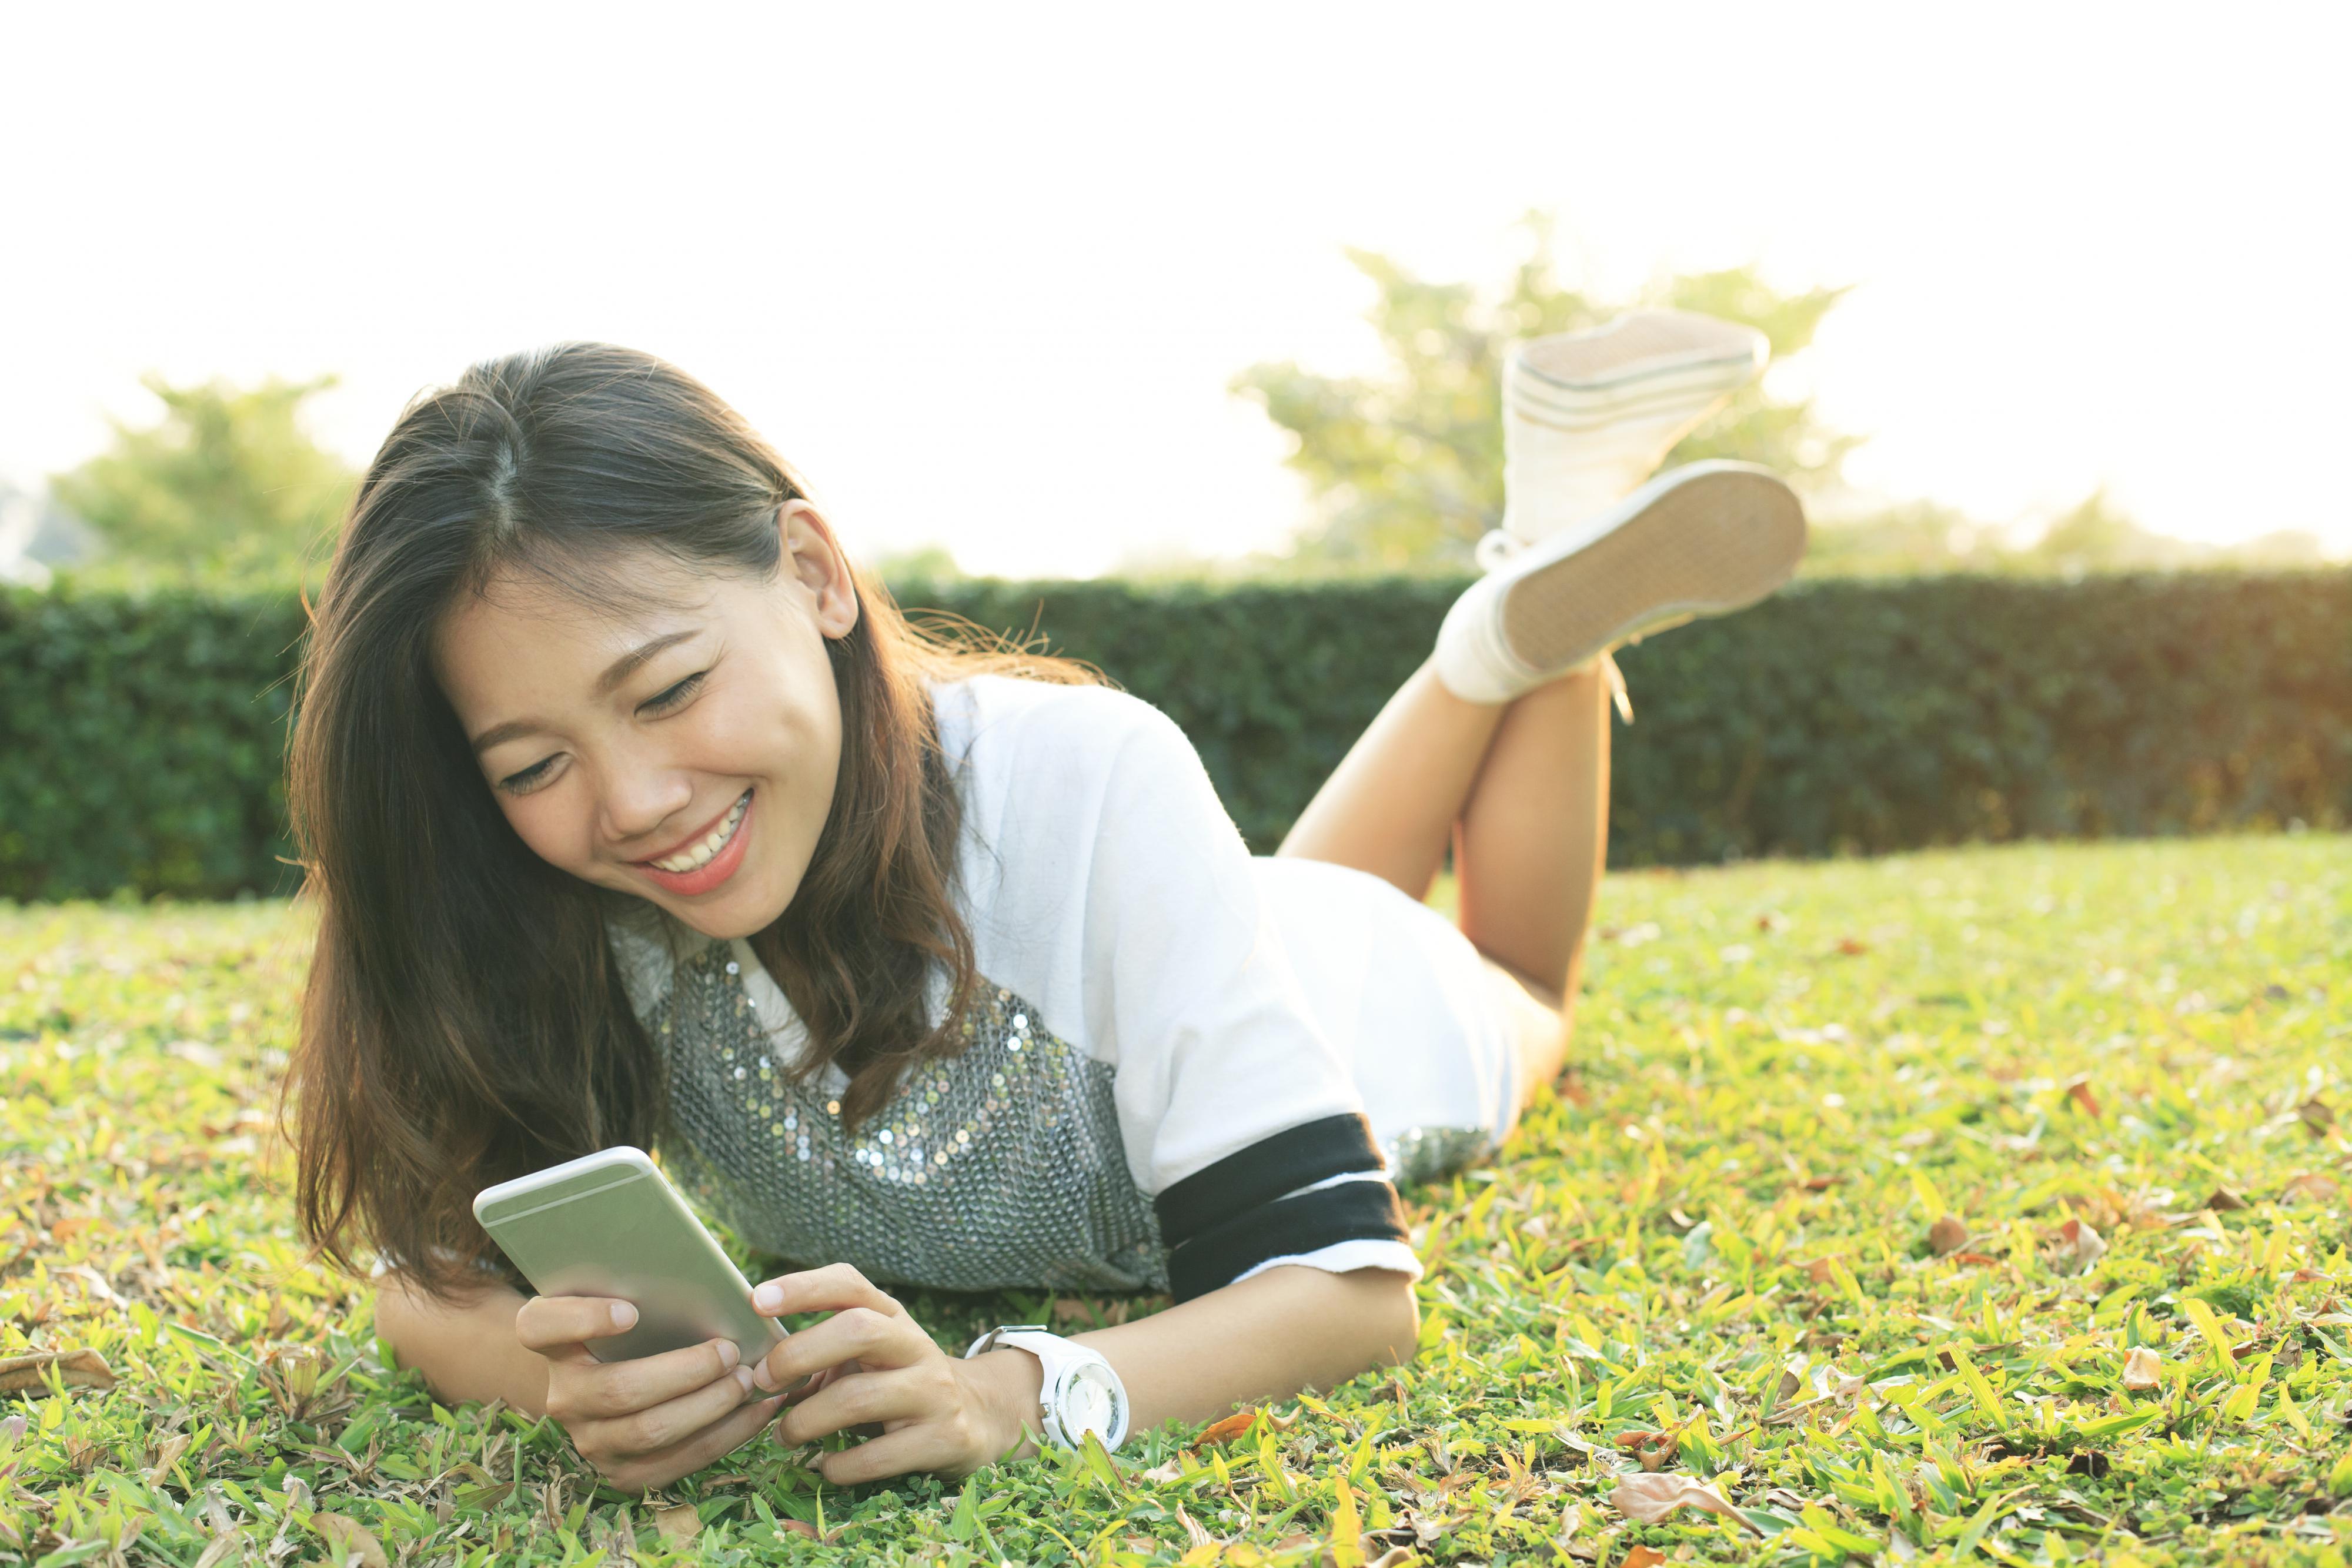 Op zoek naar een leuke baan? Speel een spelletje op je mobiel! / Colourbox